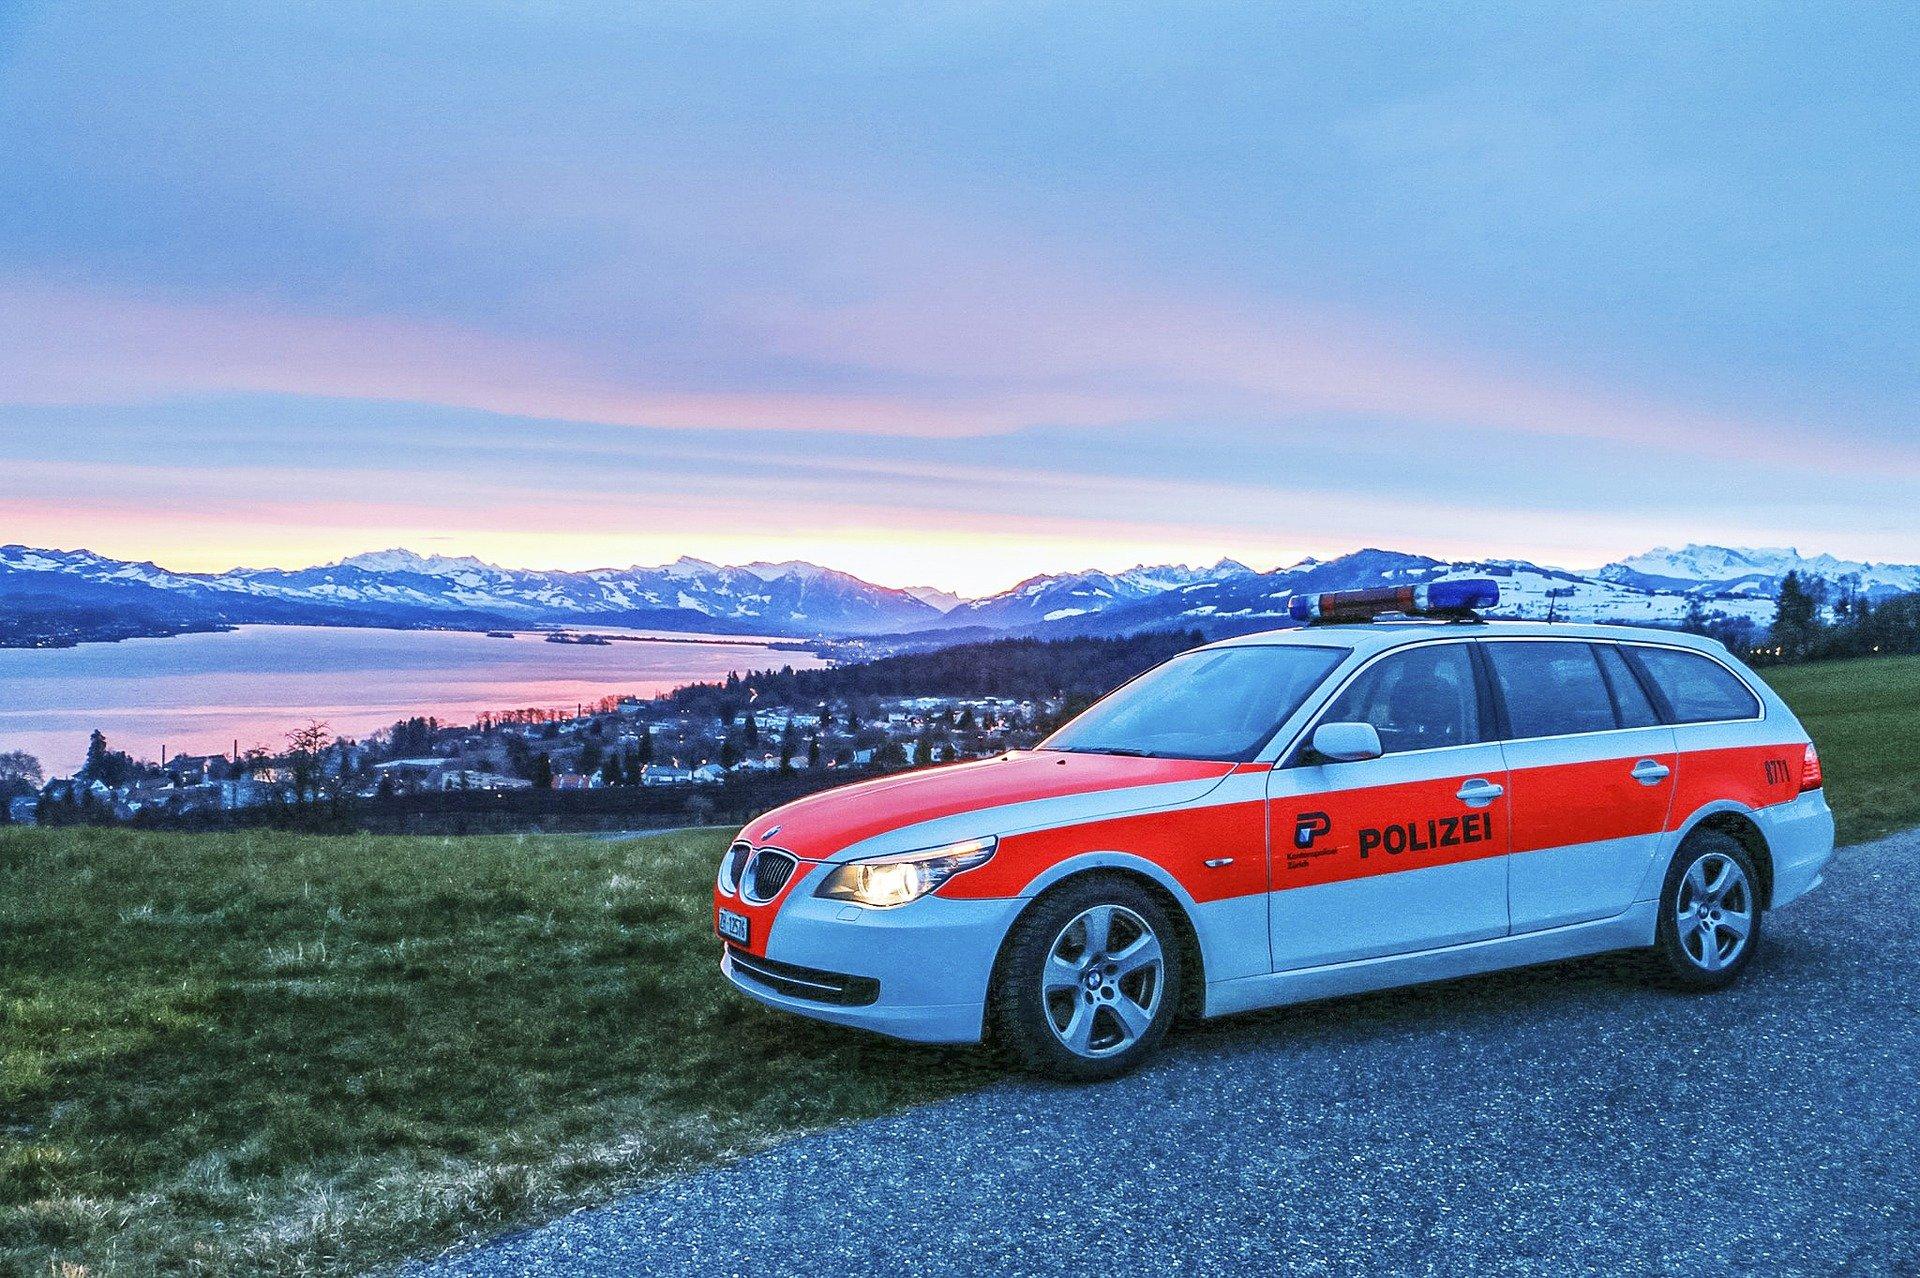 Ein Polizeiauto in weiss und orangerot vor einem See bei Sonnenuntergang.